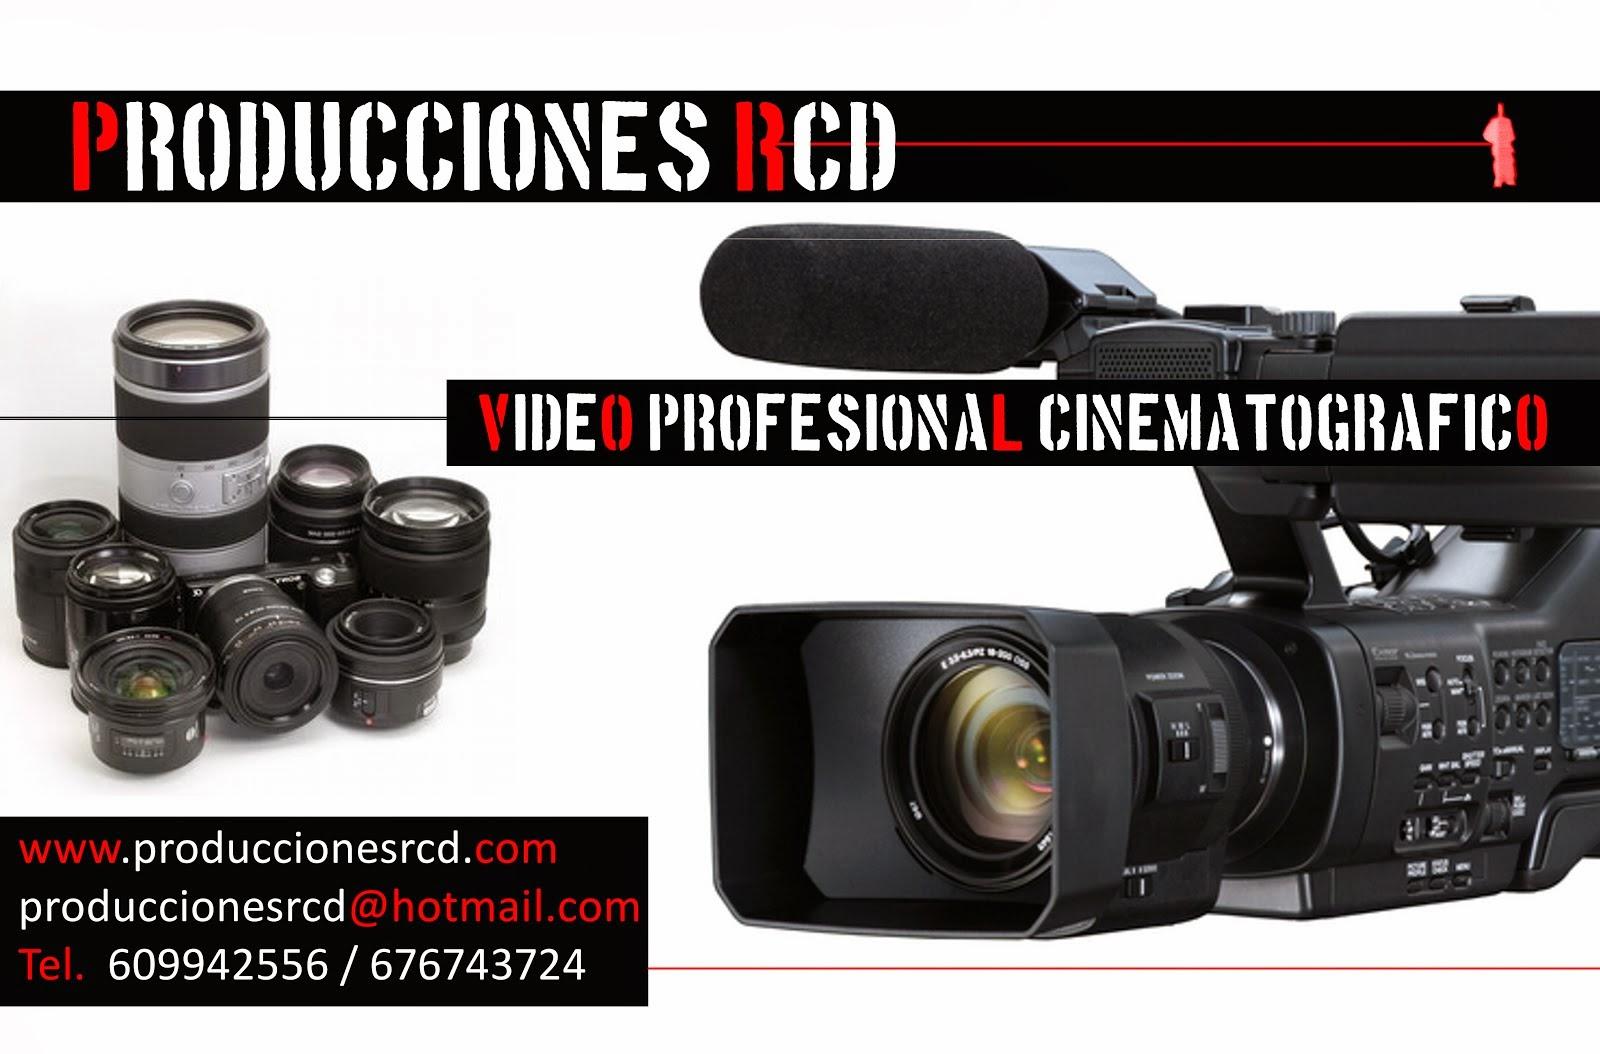 Producciones RCD